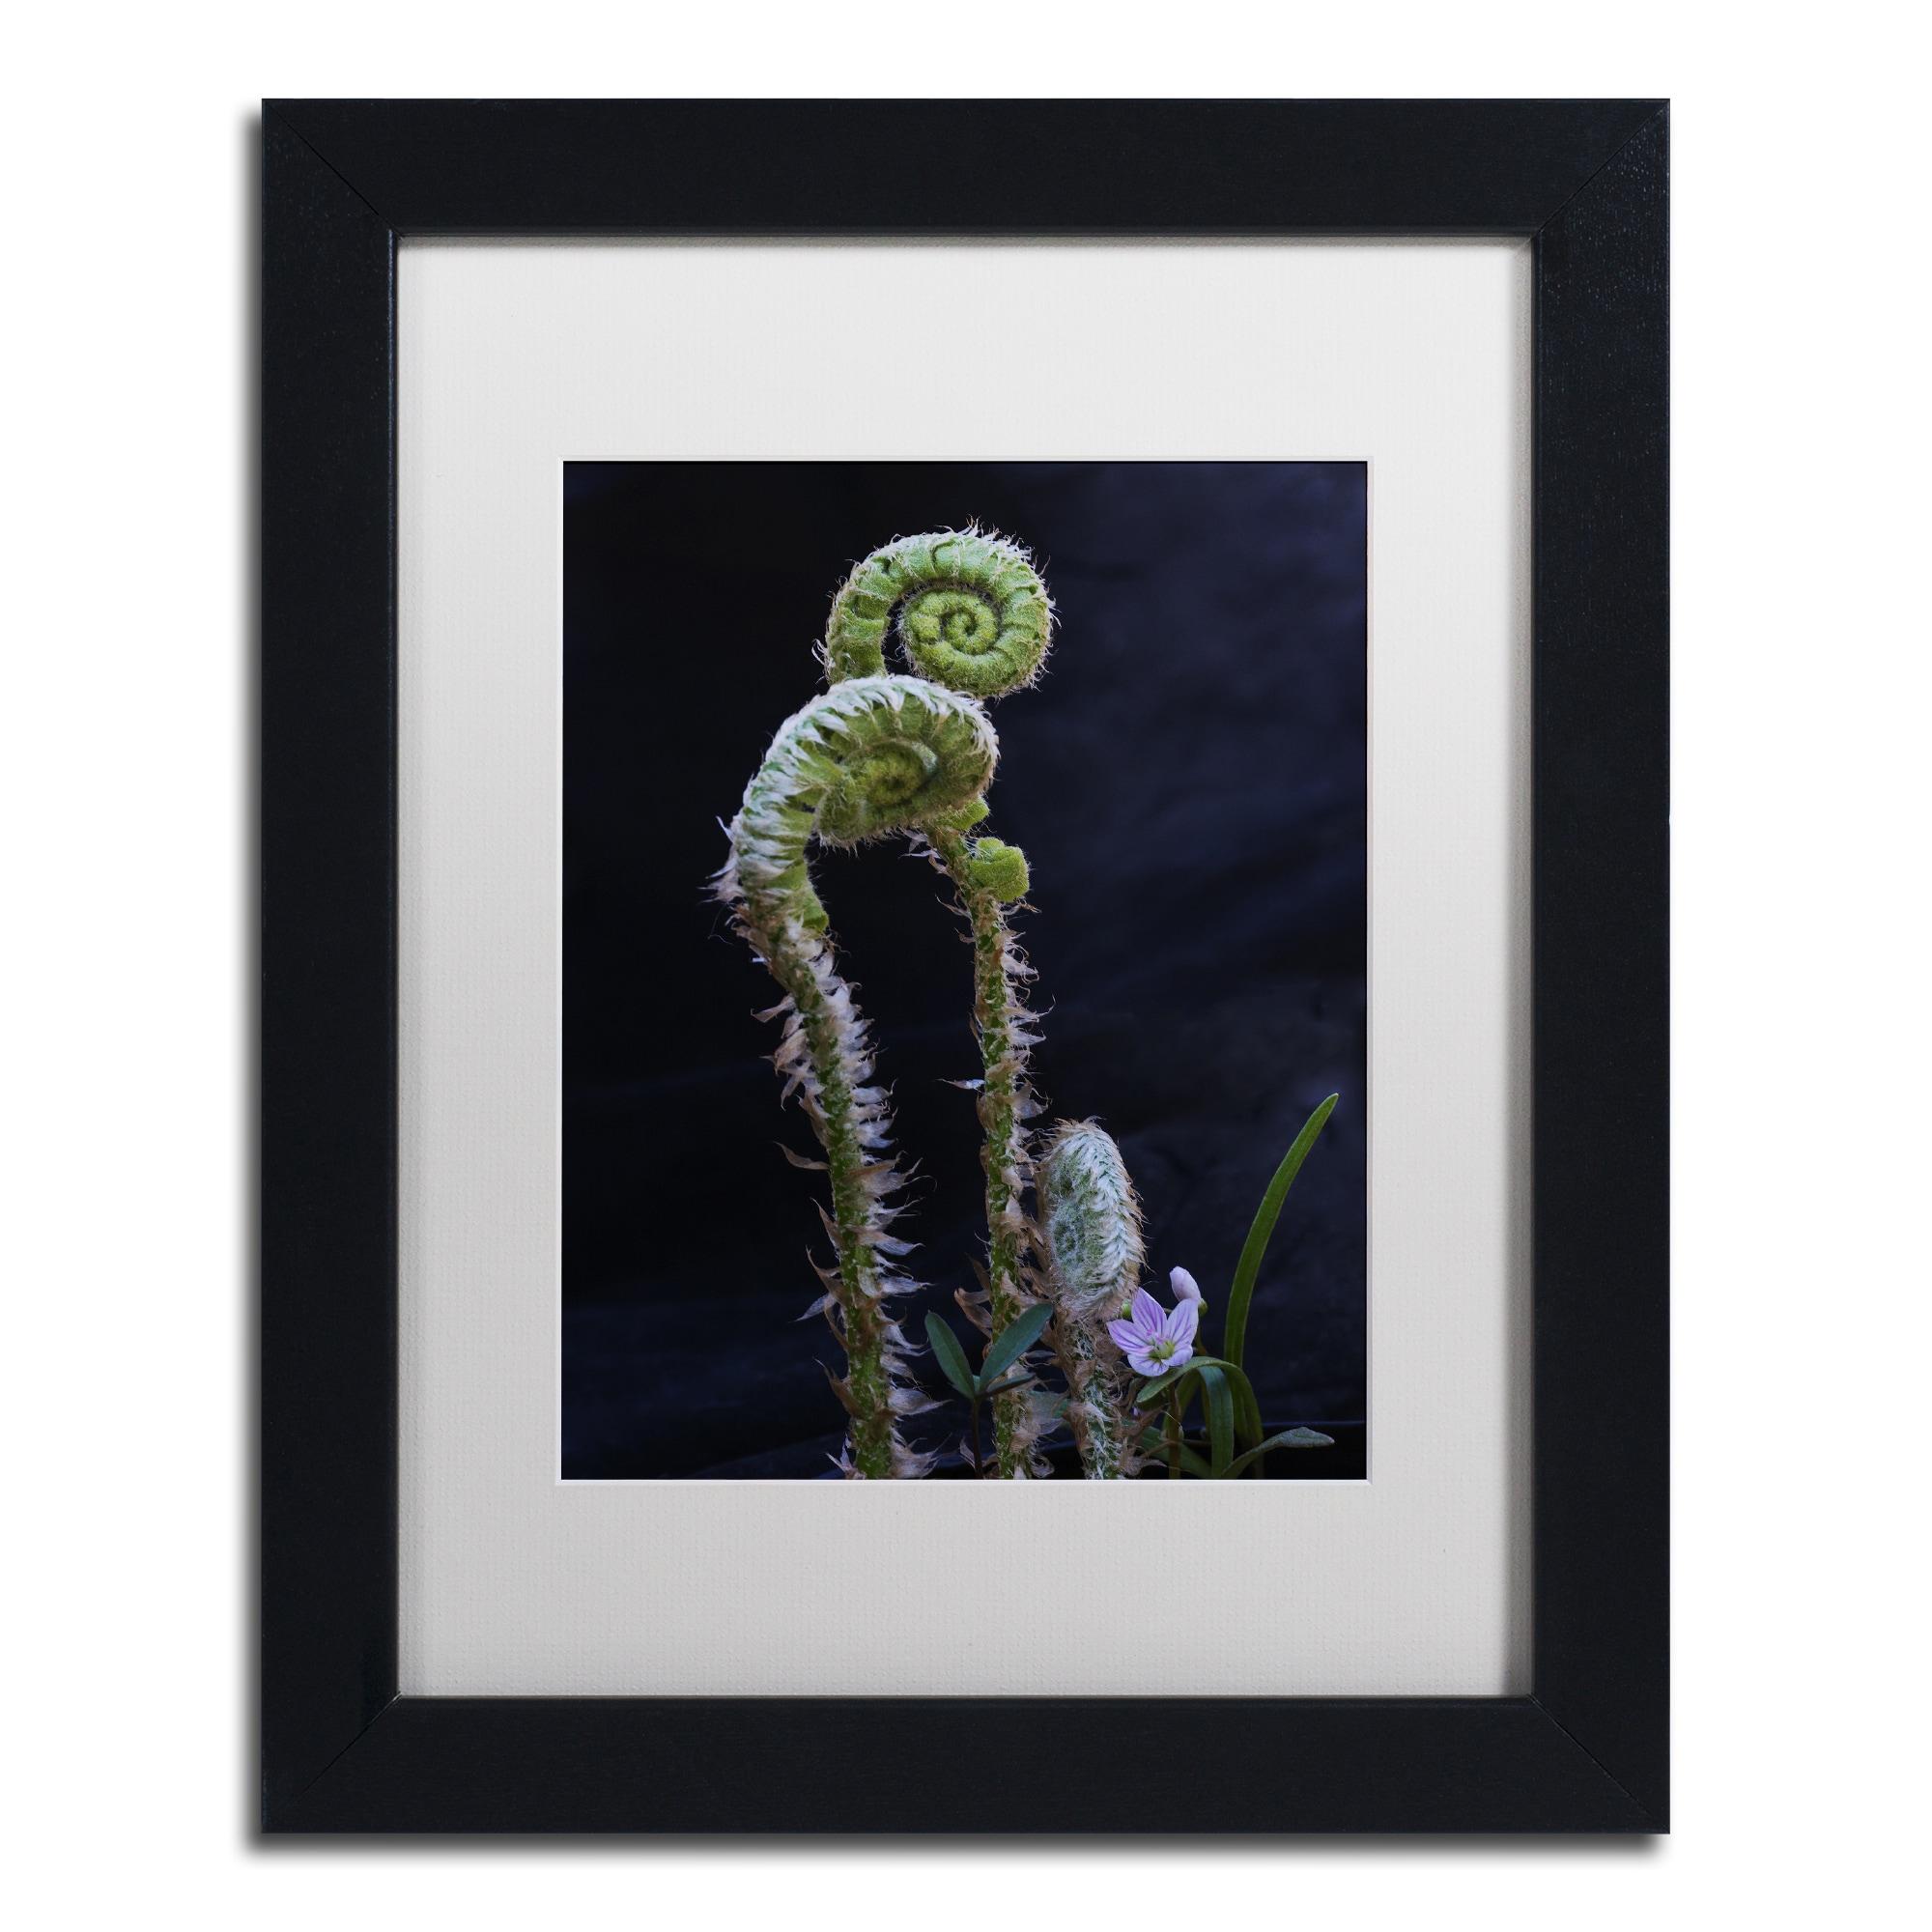 Trademark Kurt Shaffer 'Fern and Flower' Matted Framed Ar...